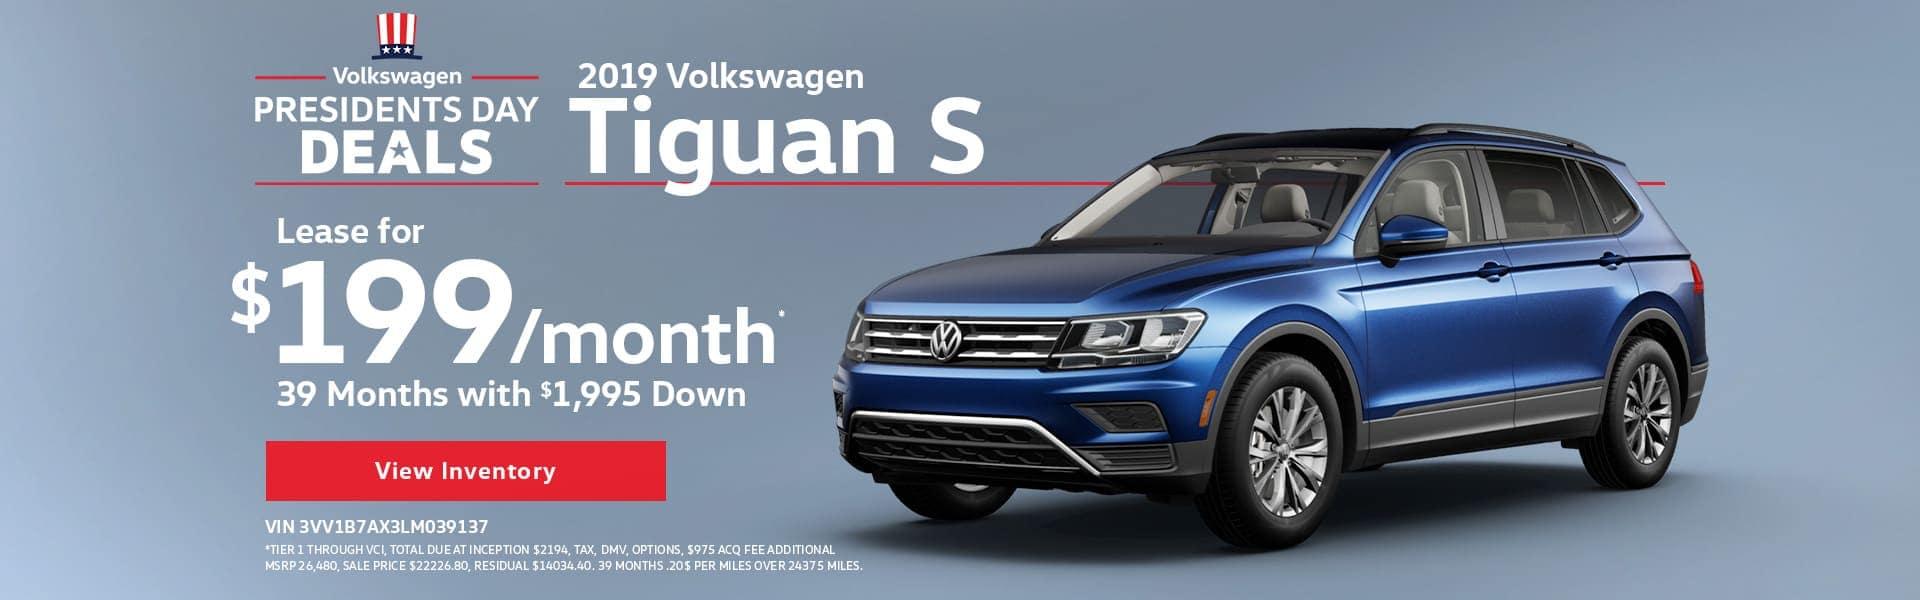 Presidents Day Deals - 2019 Volkswagen Tiguan S